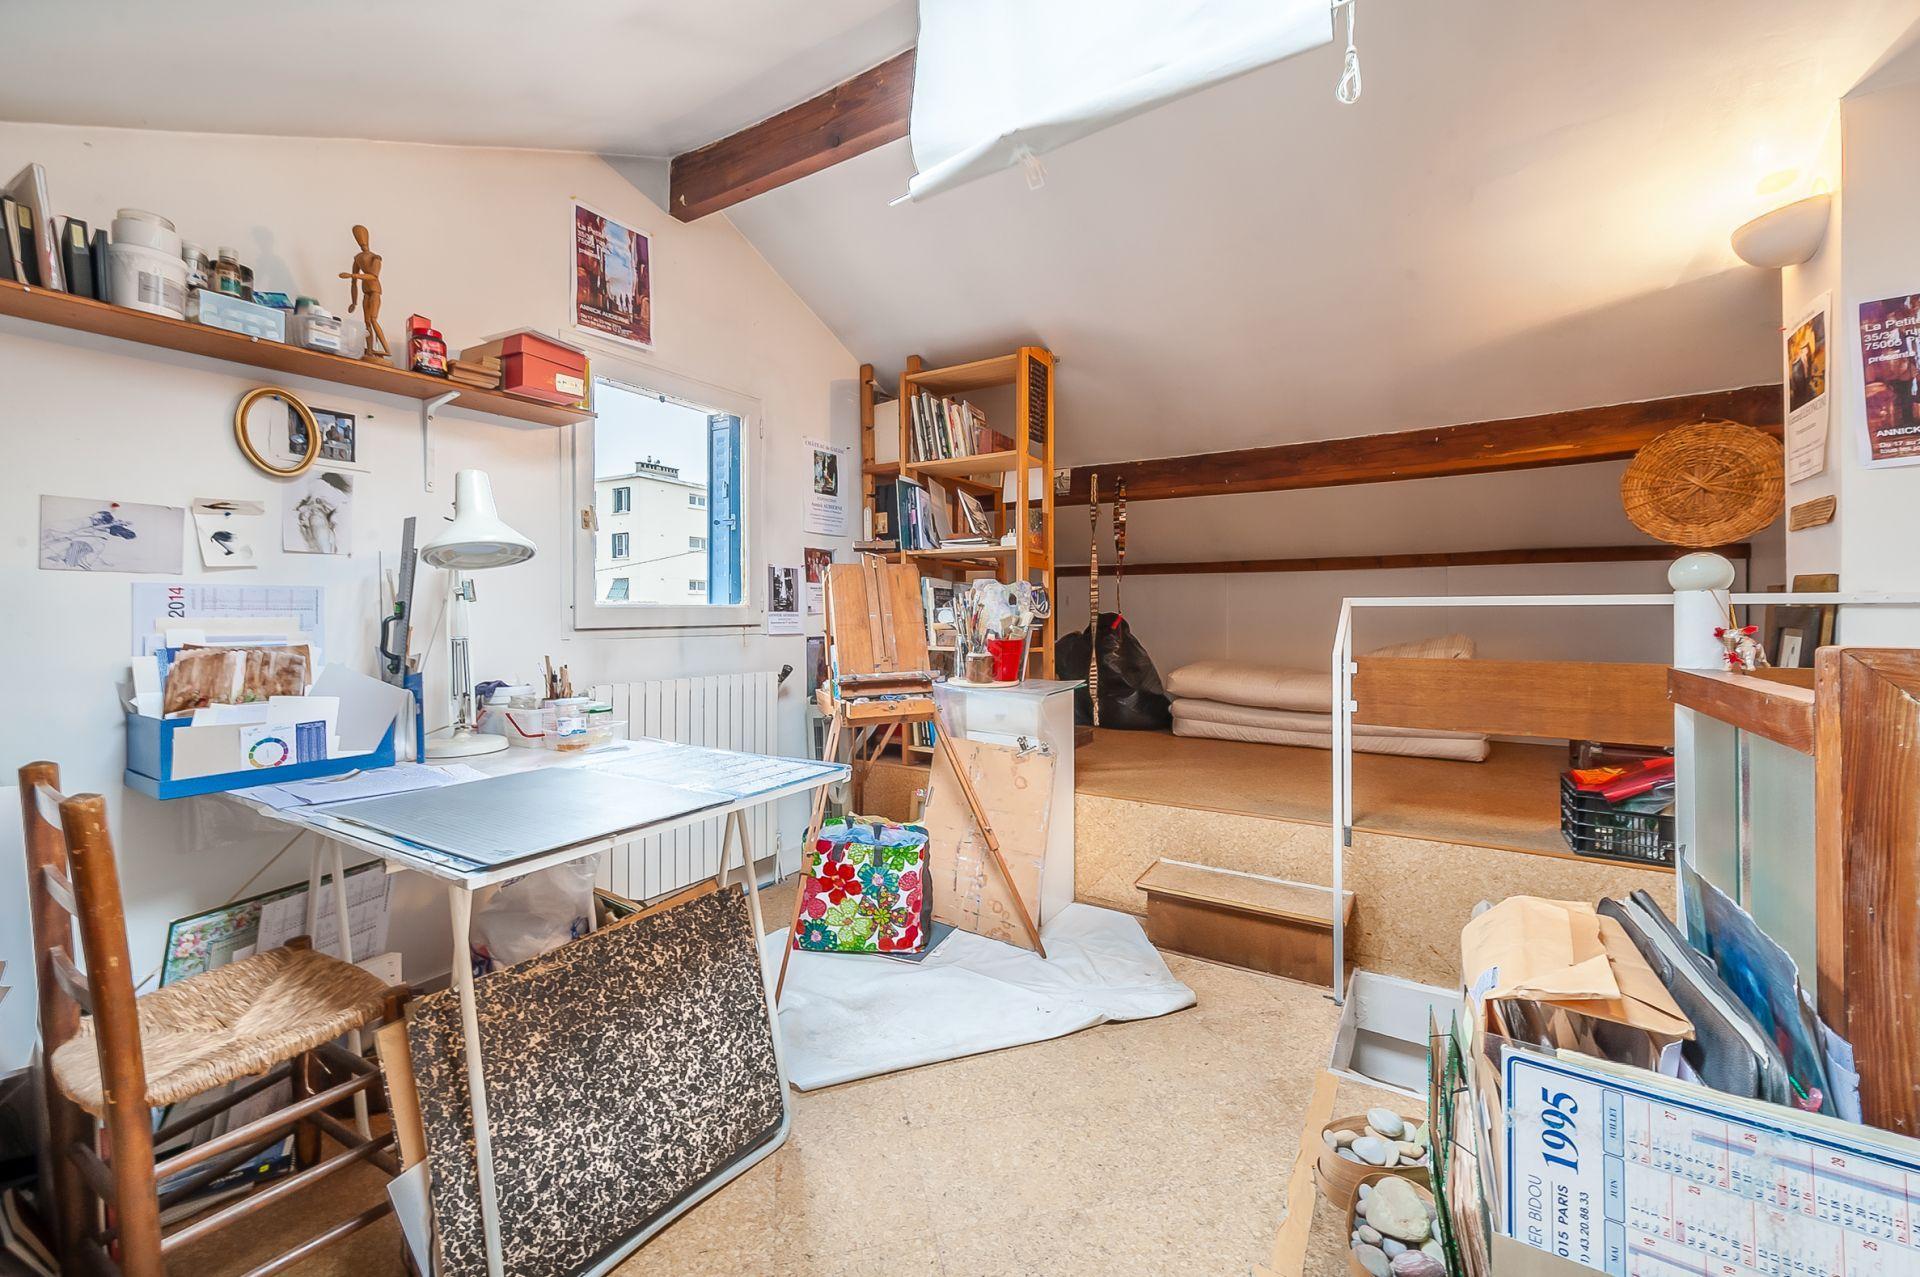 maison avec atelier d 39 artiste. Black Bedroom Furniture Sets. Home Design Ideas